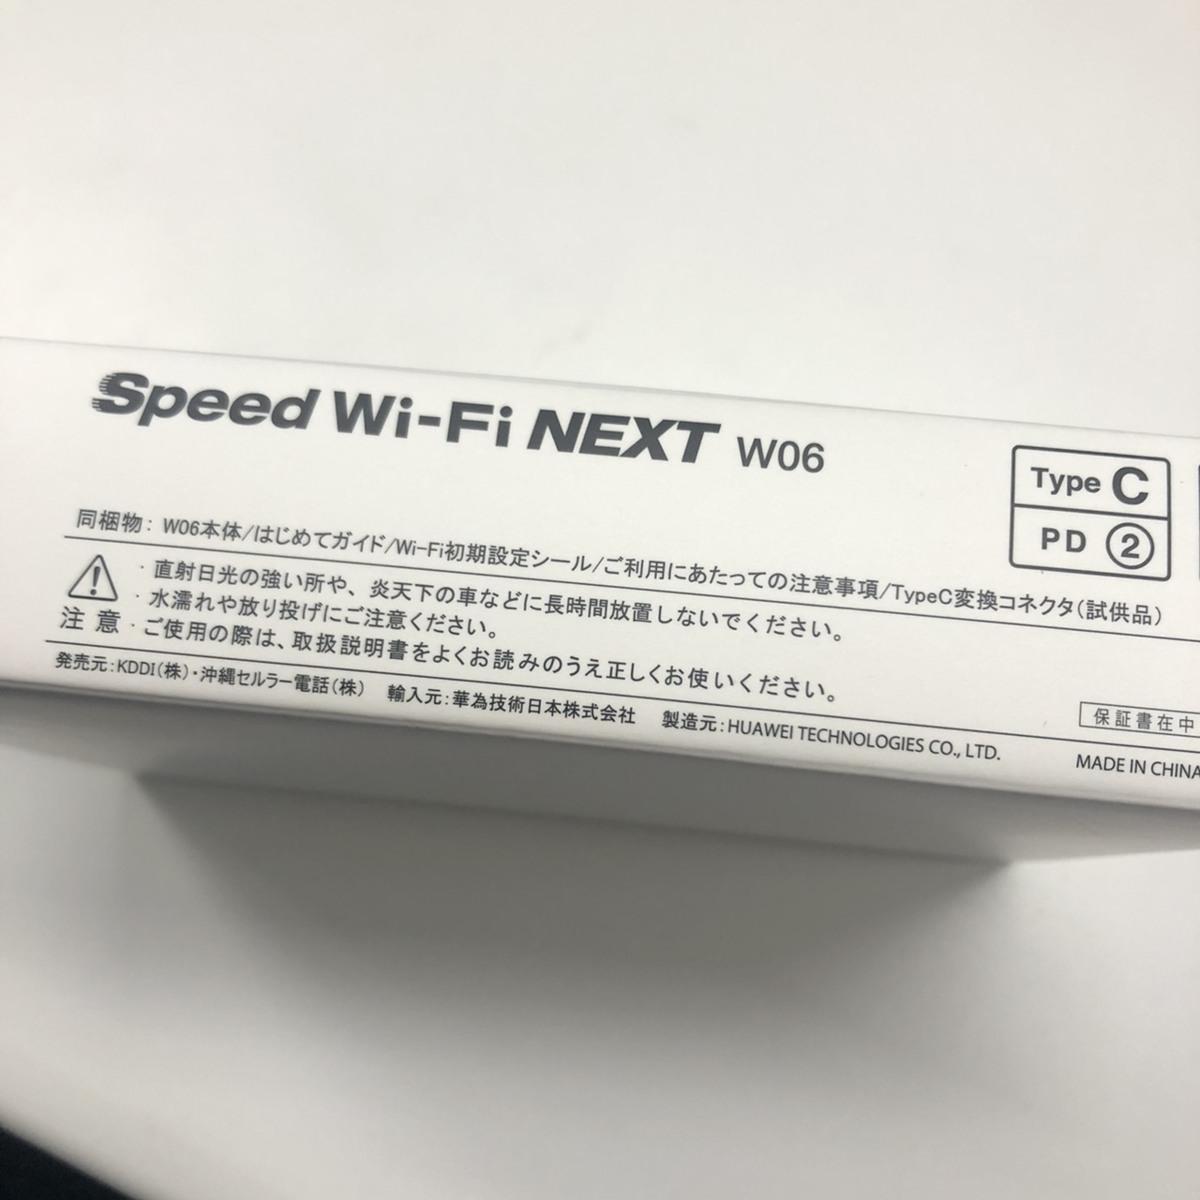 新品未使用品☆赤ロム保証☆au/エーユー speed Wi-Fi NEXT W06 HWD37SKA ブラック×ブルー_画像7